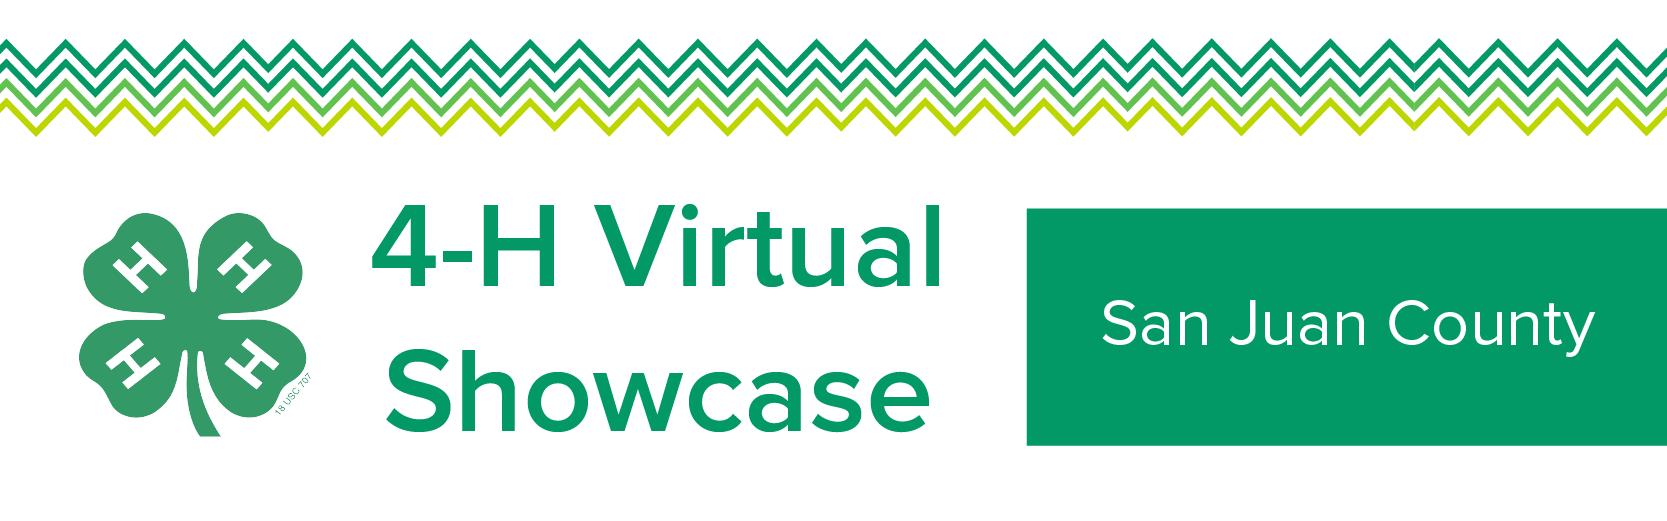 4-H Virtual Showcase Banner